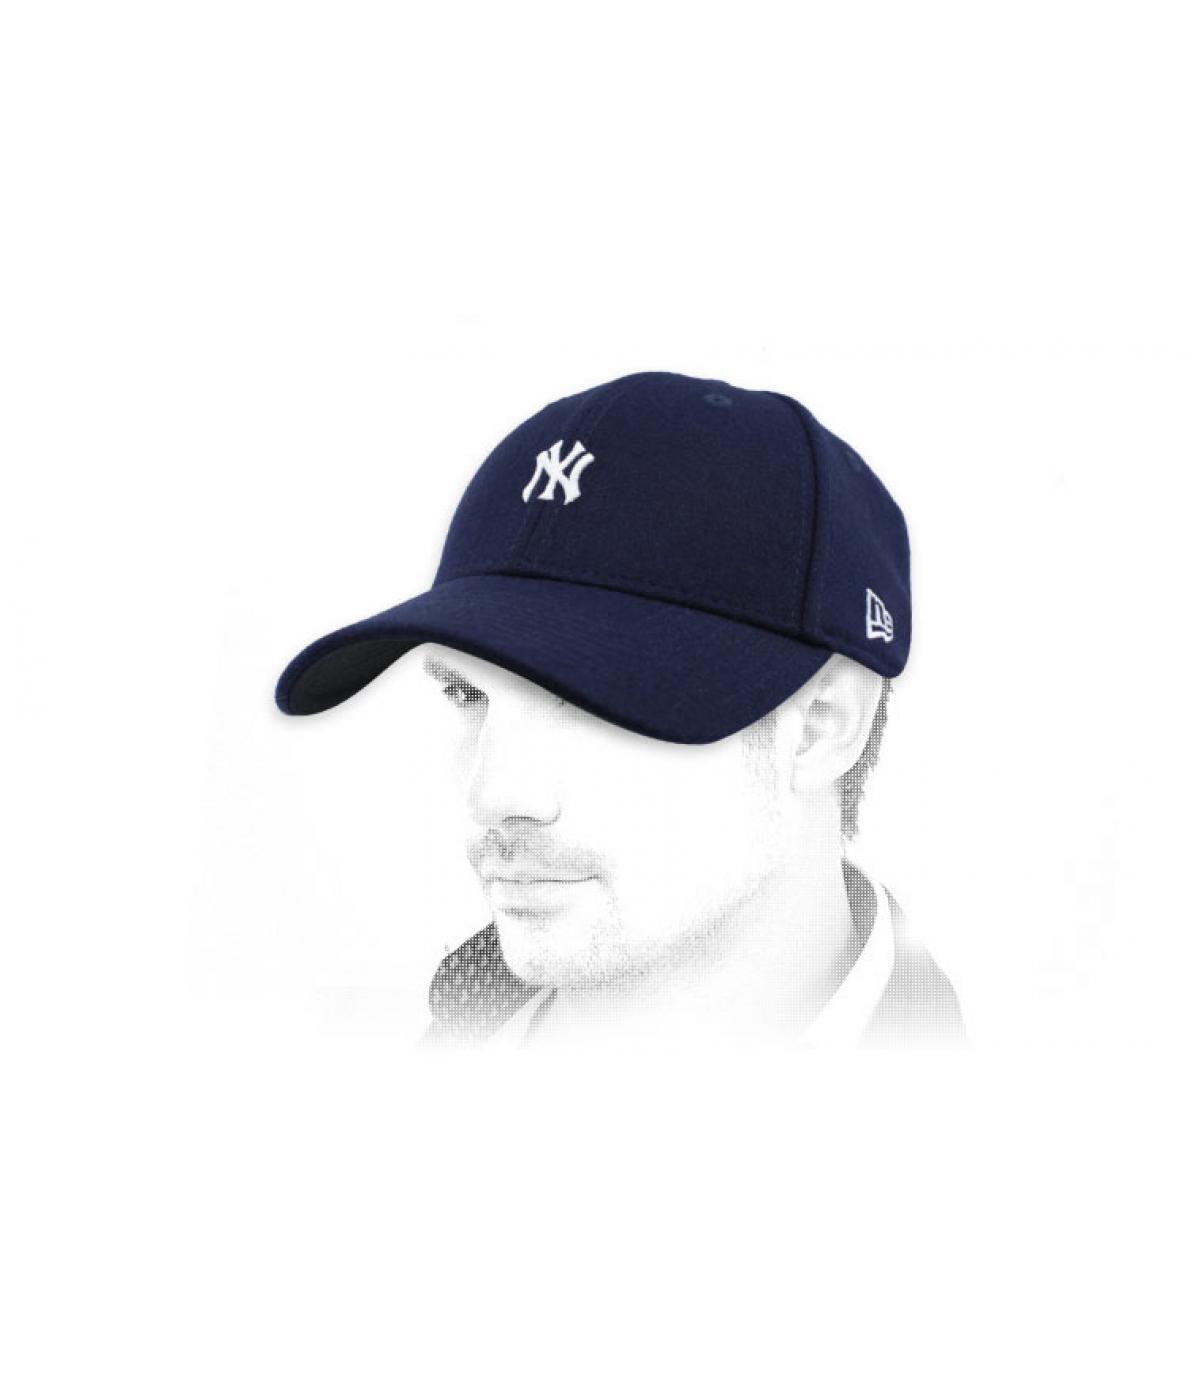 Mini logo navy blue NY cap